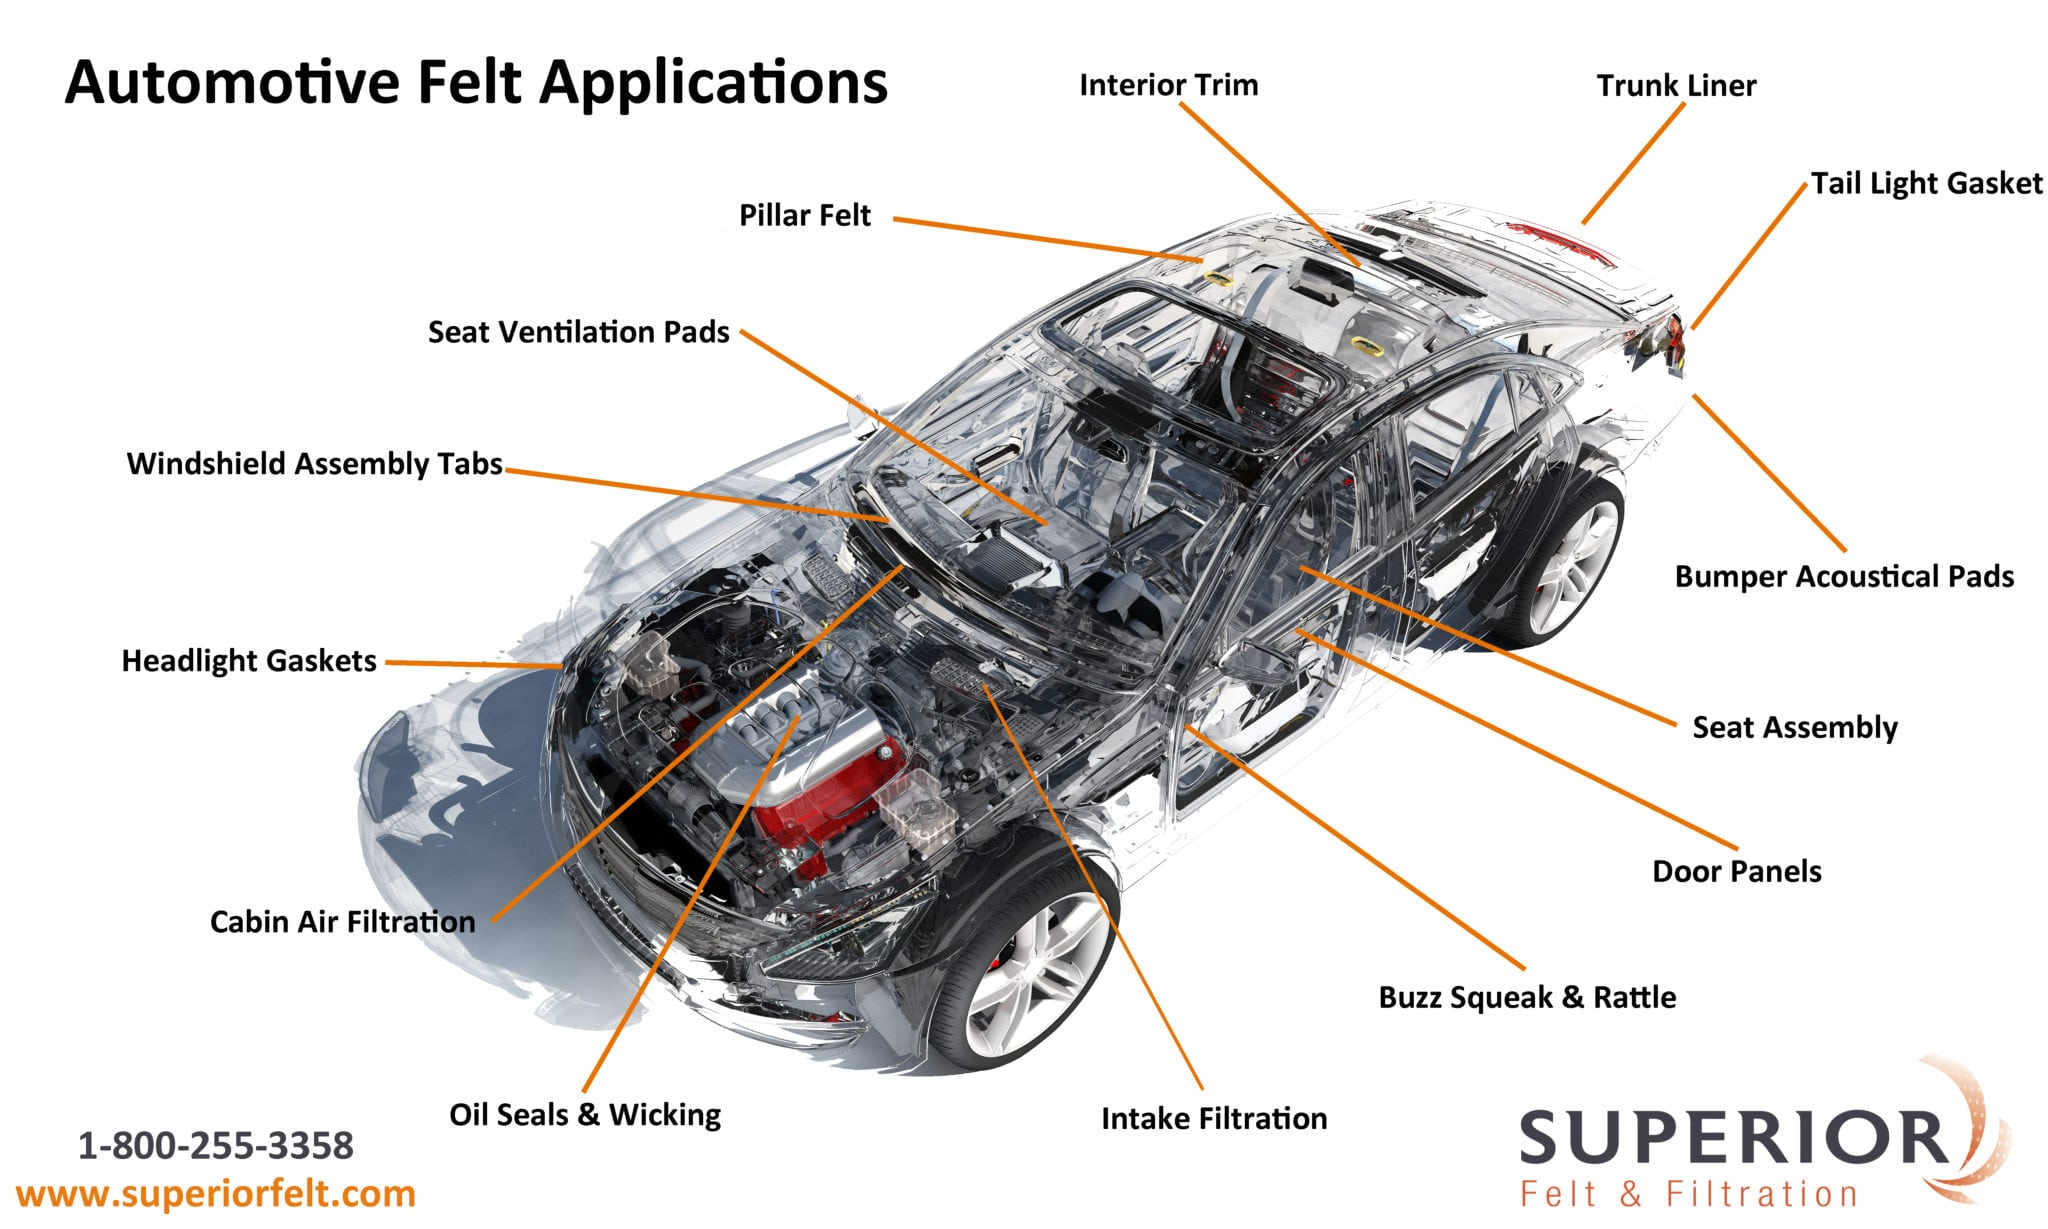 Car-Automtoive-Felt-Uses2.jpg